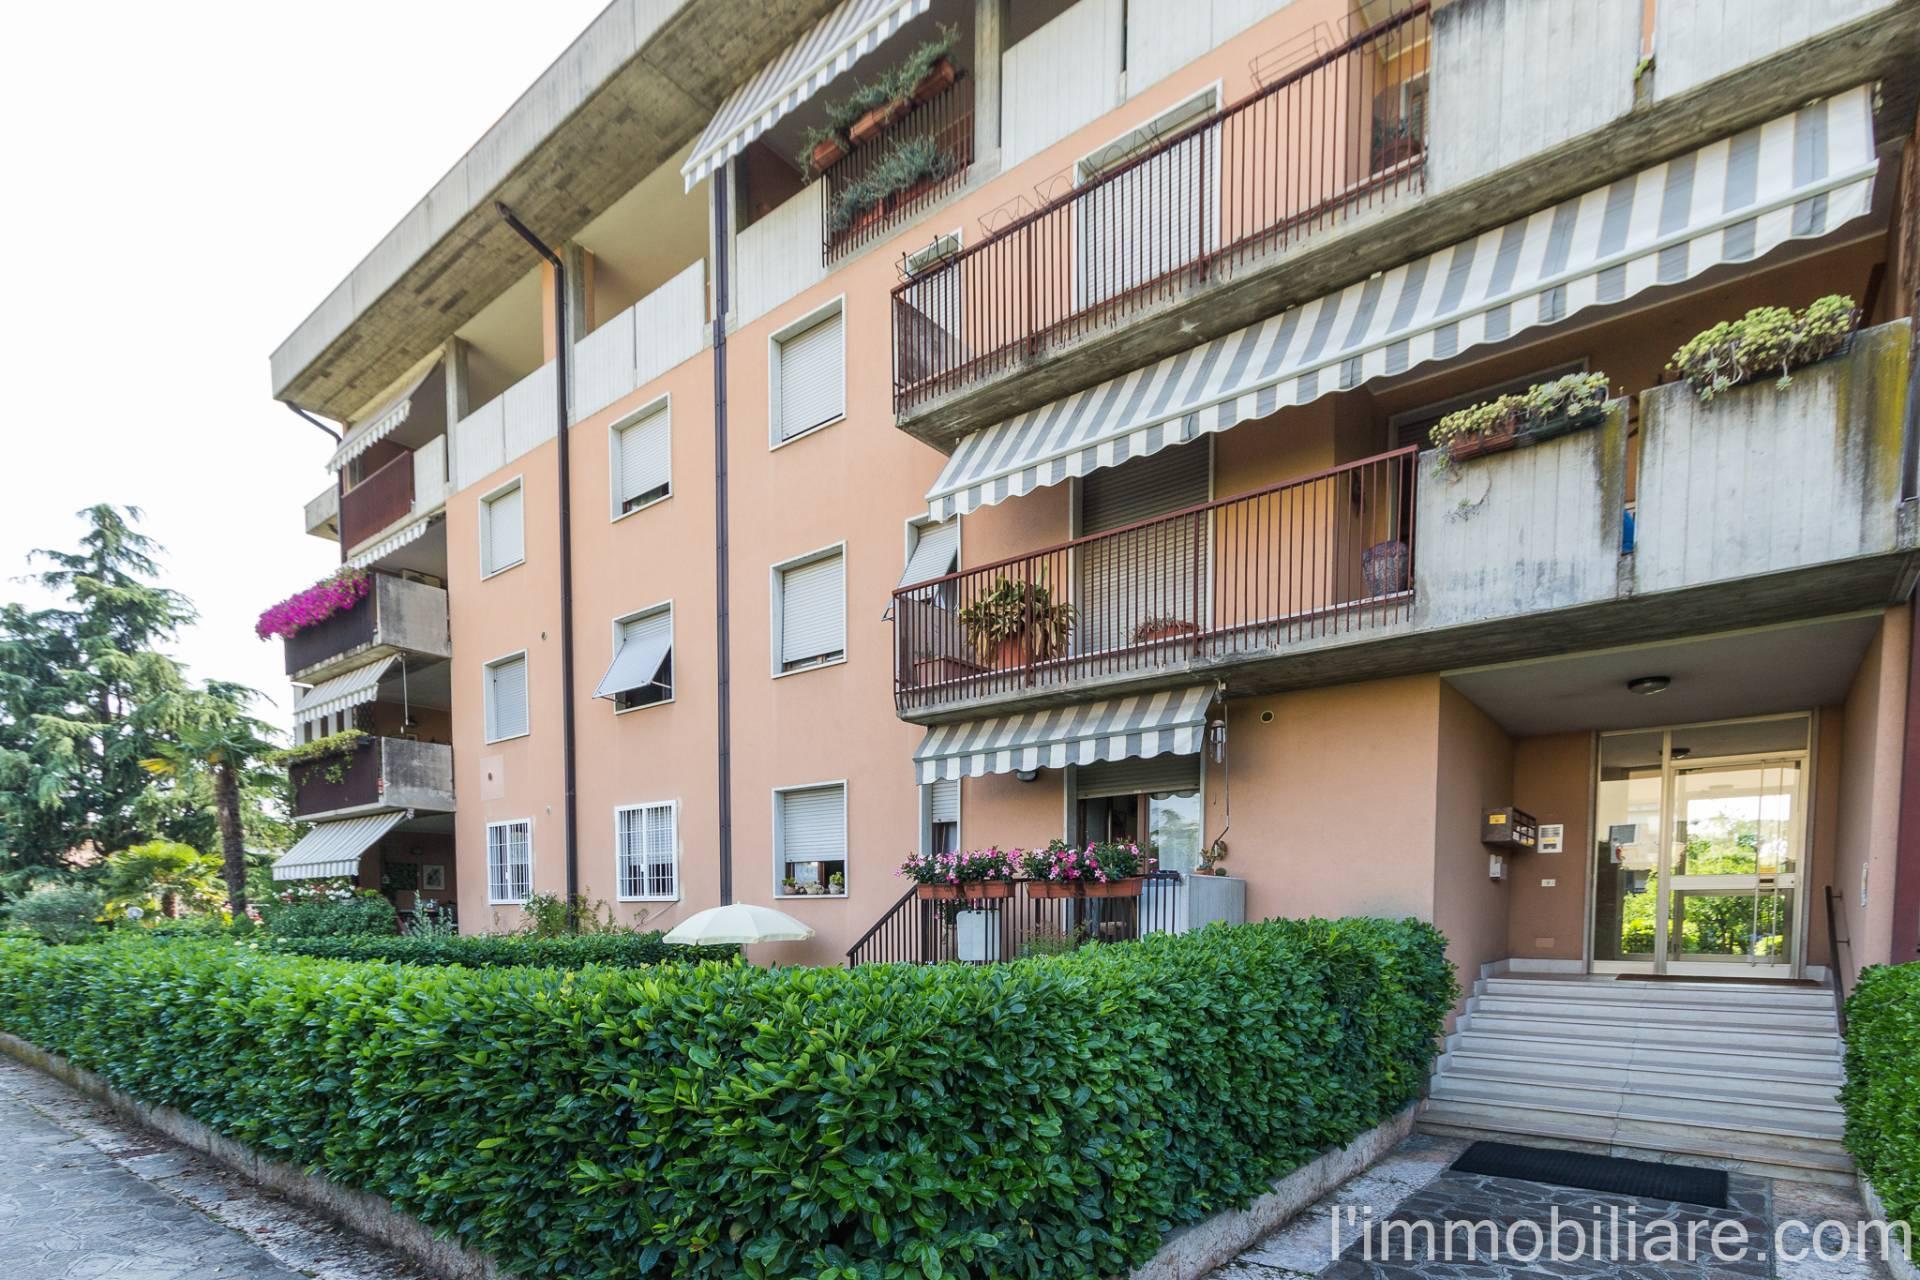 Appartamento in affitto a Verona, 5 locali, zona Località: PonteCrencano, prezzo € 850 | CambioCasa.it